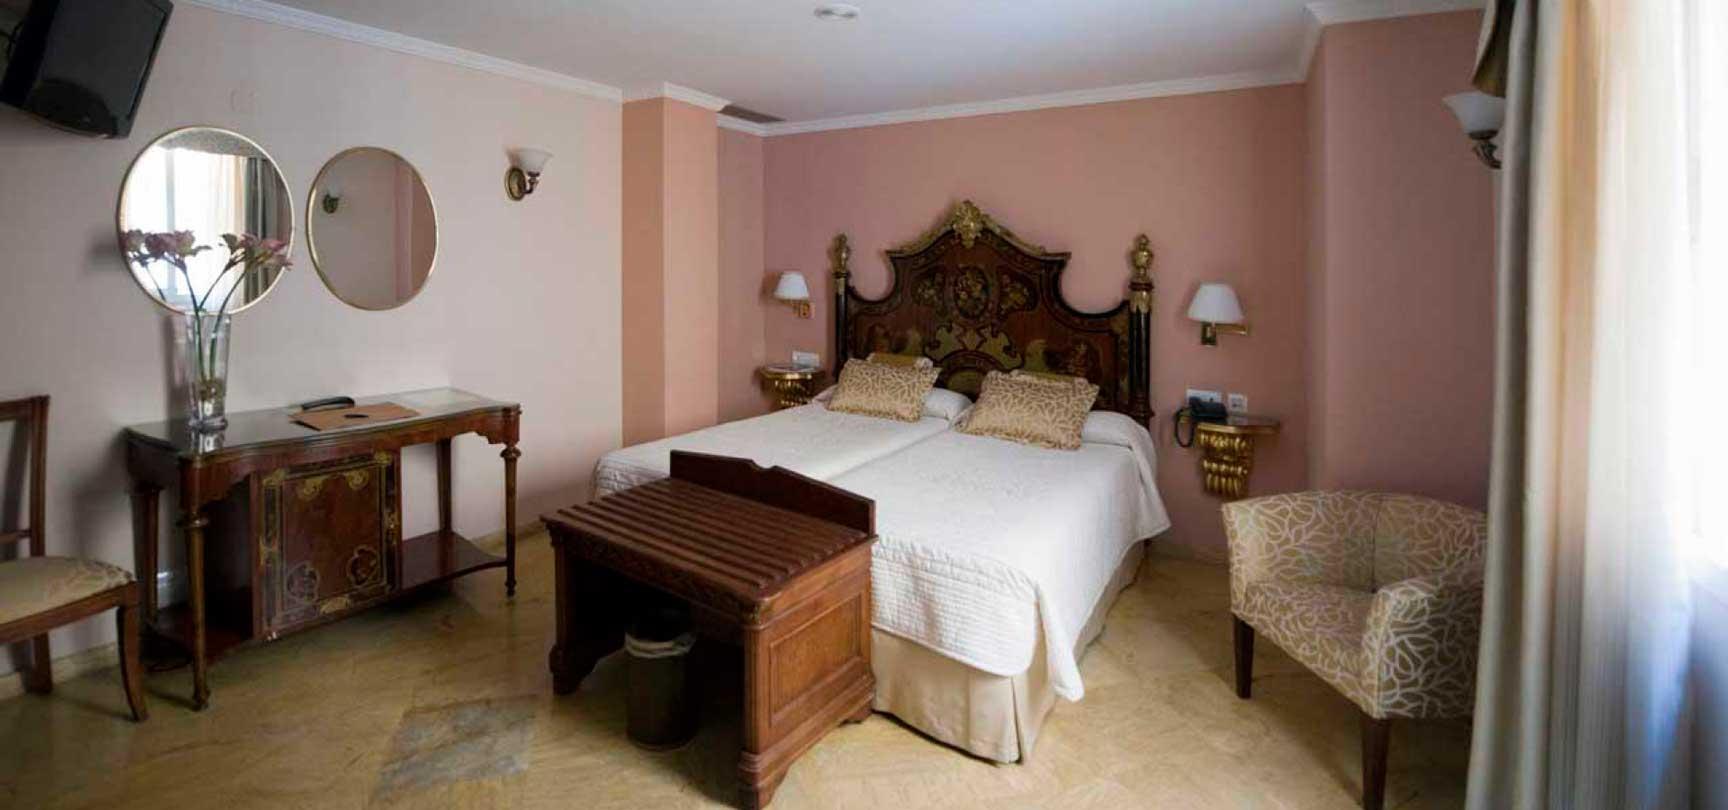 Hotels im Zentrum von Sevilla